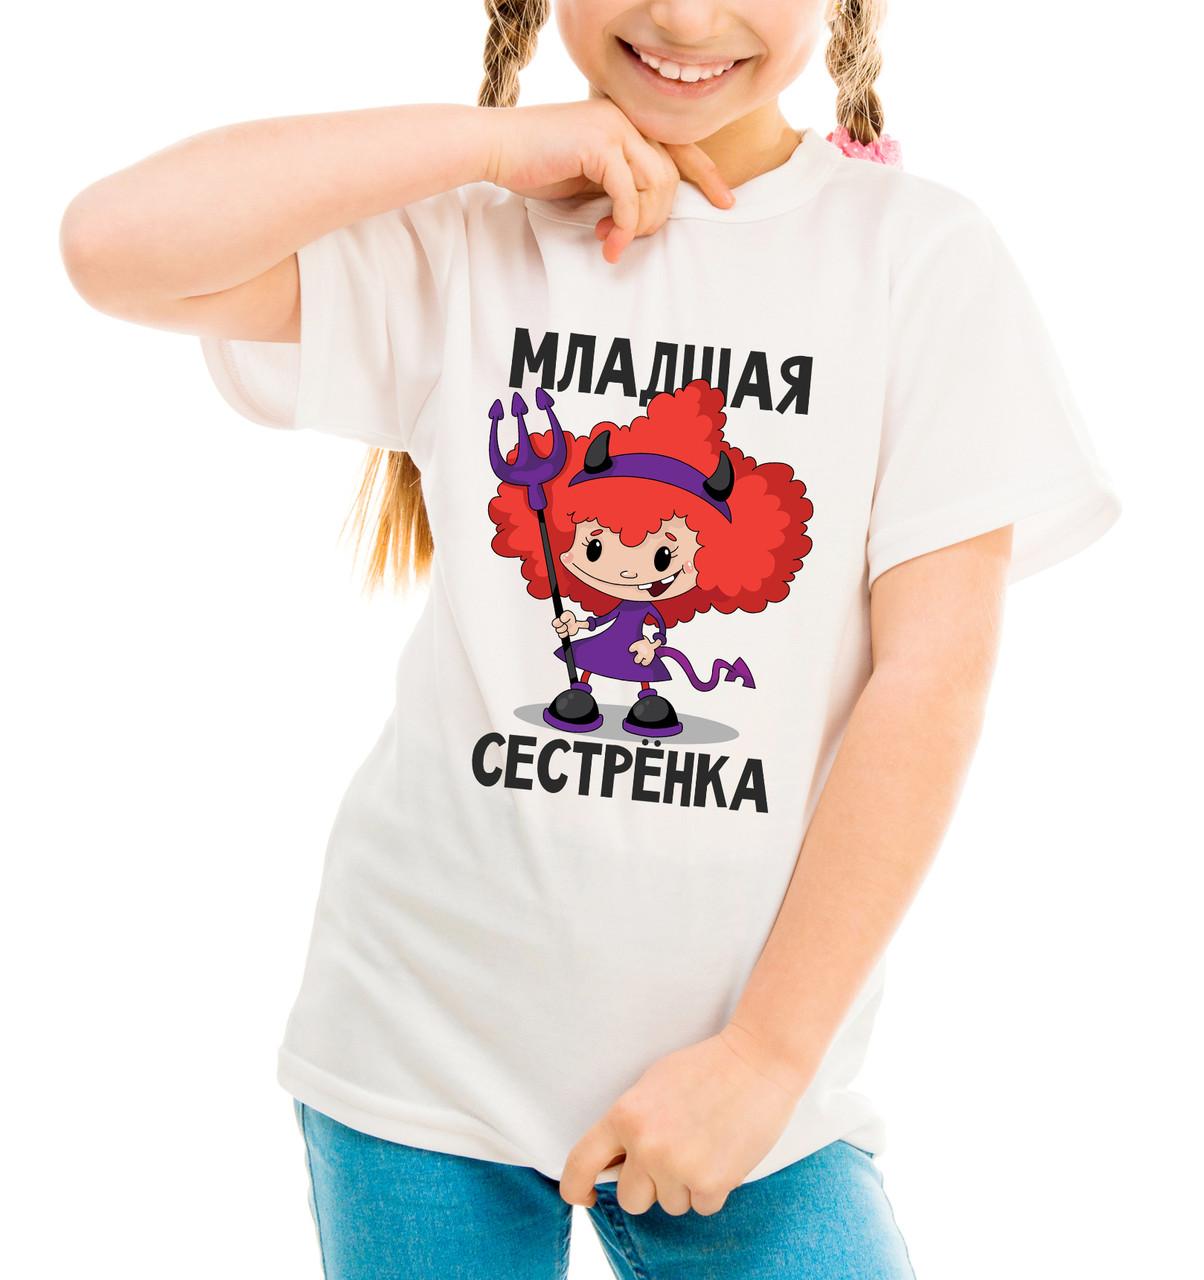 """Детская футболка """"Младшая сестренка"""""""